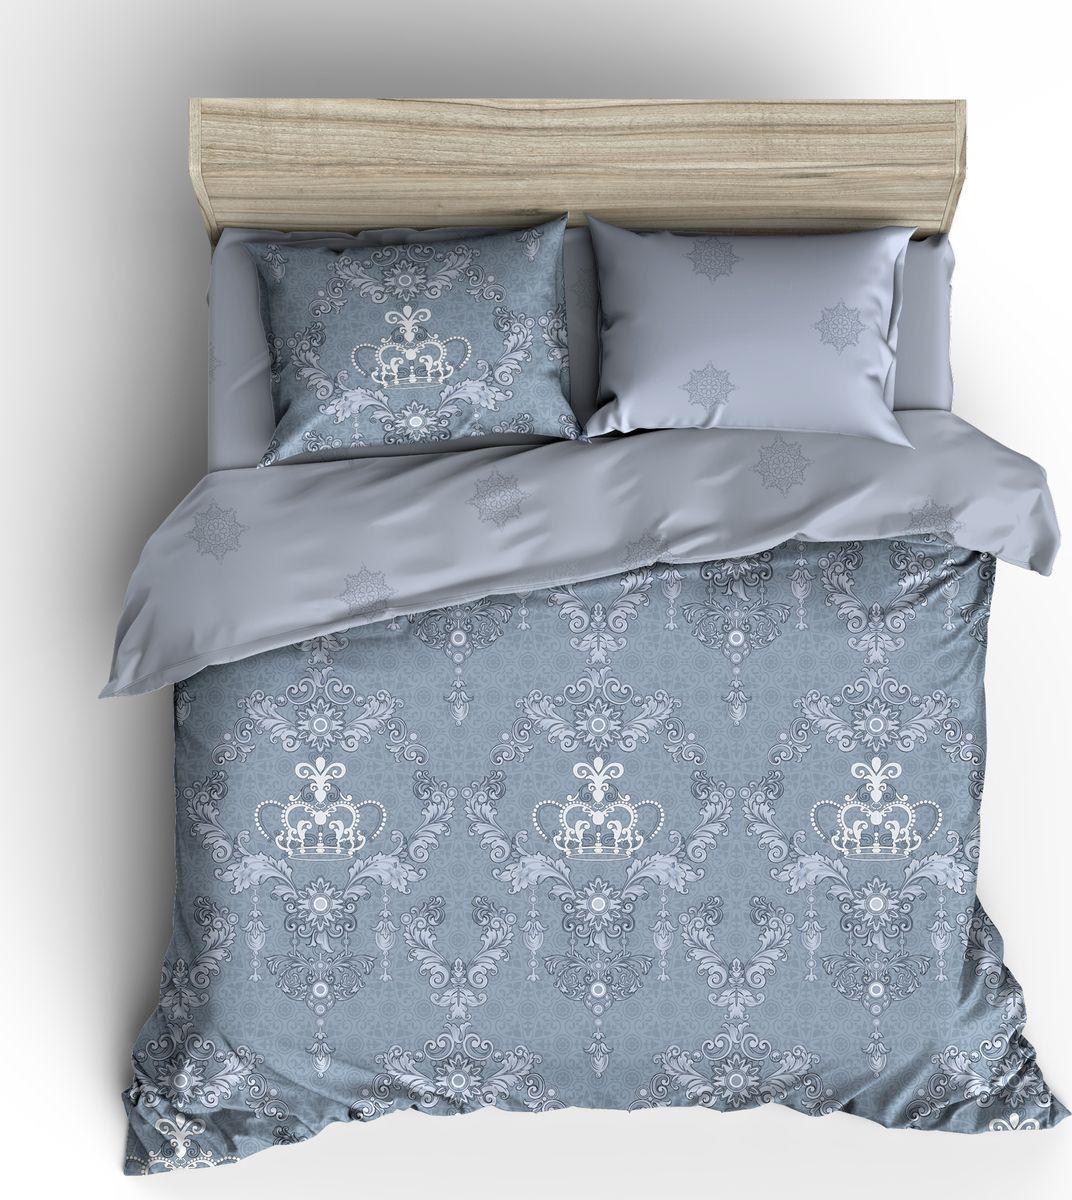 Комплект постельного белья Guten Morgen, Пг-927-175-220-70, 2-х спальный, наволочки наволочки 70x70 комплект постельного белья guten morgen перкаль пг 797 175 220 70 голубой 2 х спальный наволочки 70x70